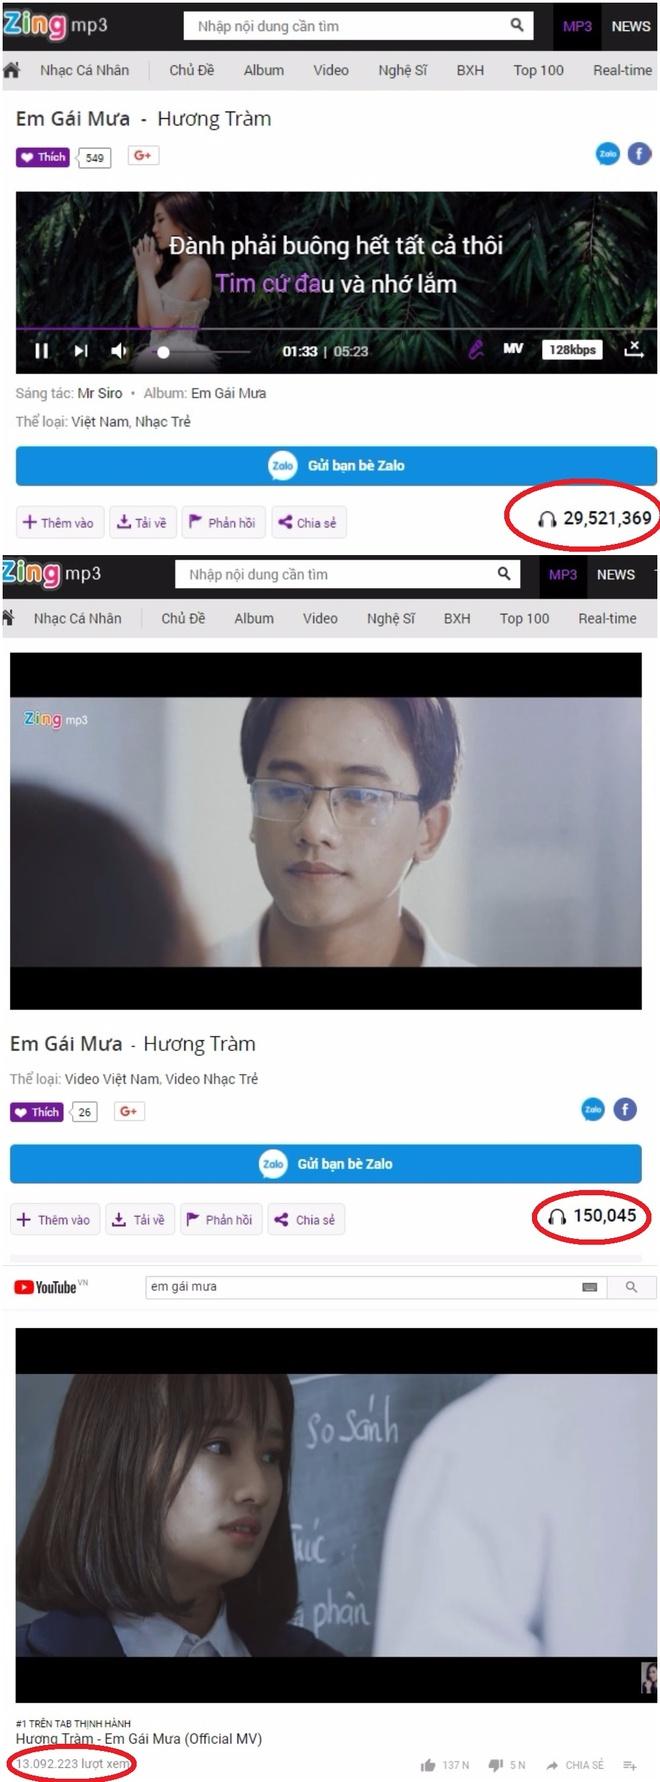 'Em gai mua' cua Huong Tram hot kho tin: 30 trieu luot nghe sau 2 tuan hinh anh 1